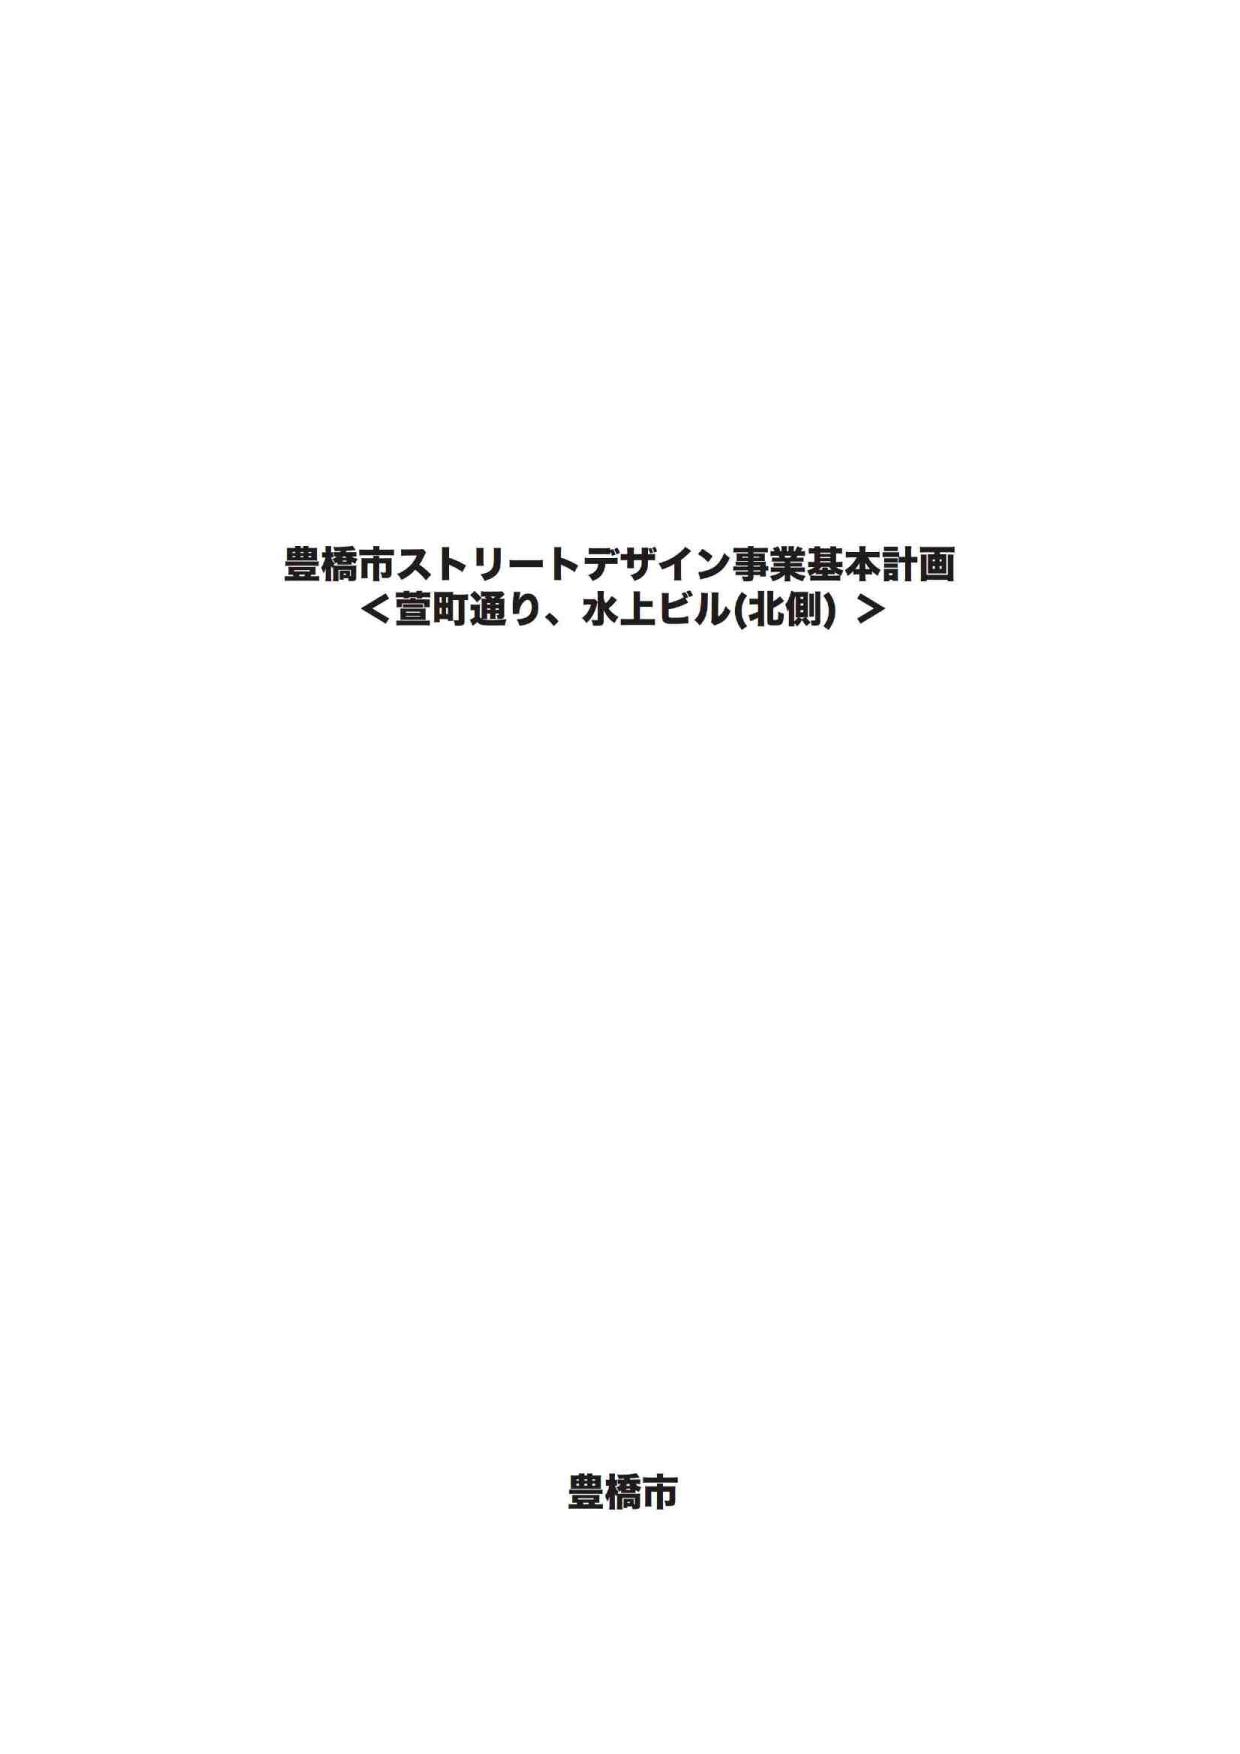 190108_kihon_keikaku_01